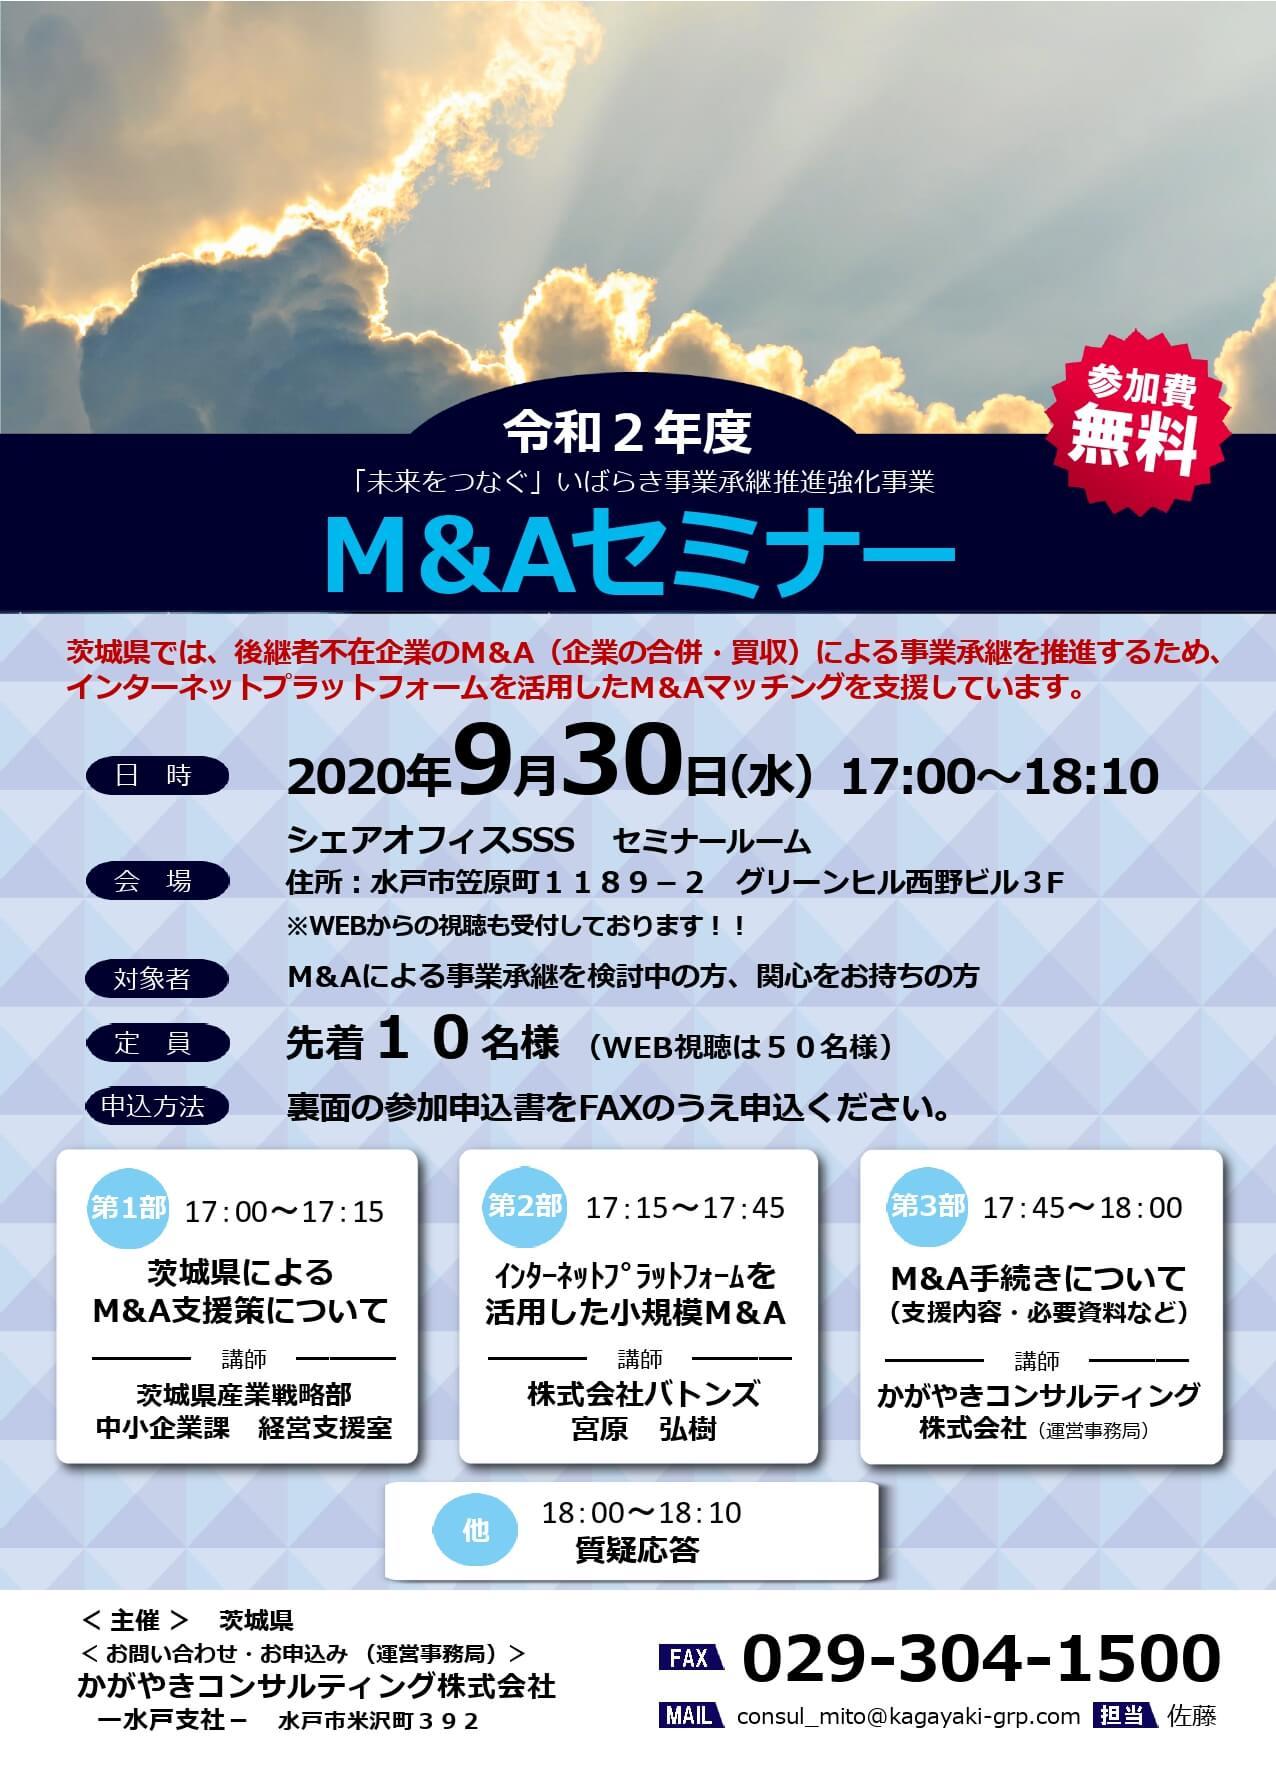 《茨城県》「未来をつなぐ」いばらき事業承継推進強化事業「 M&A セミナー」